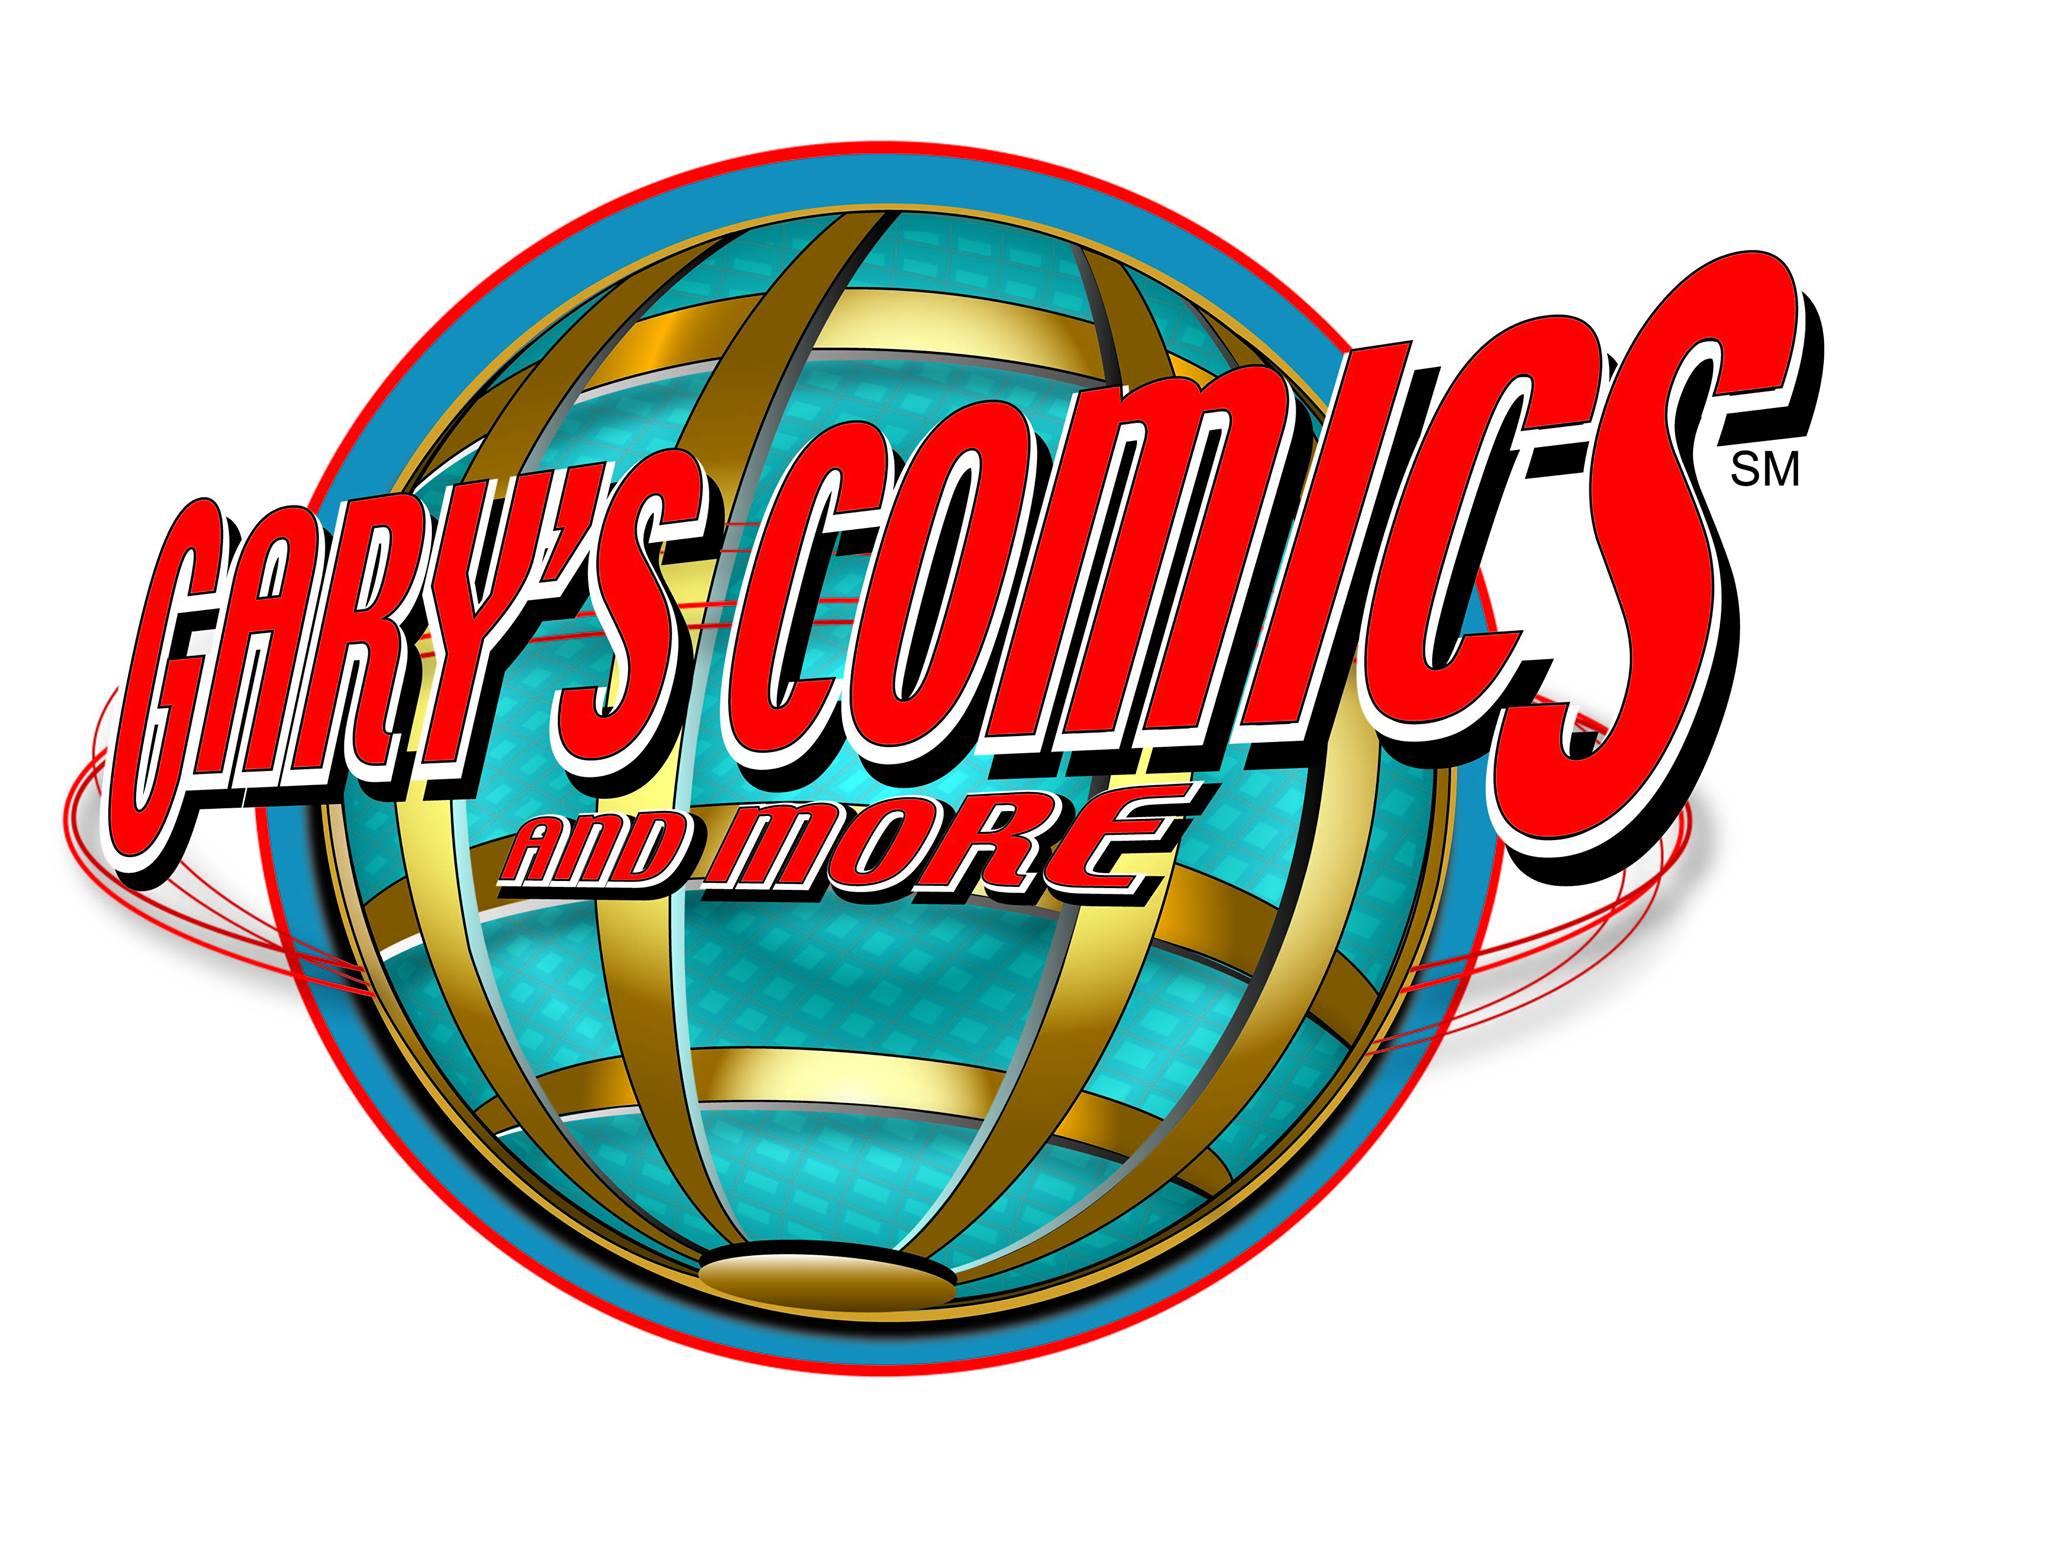 garys comics